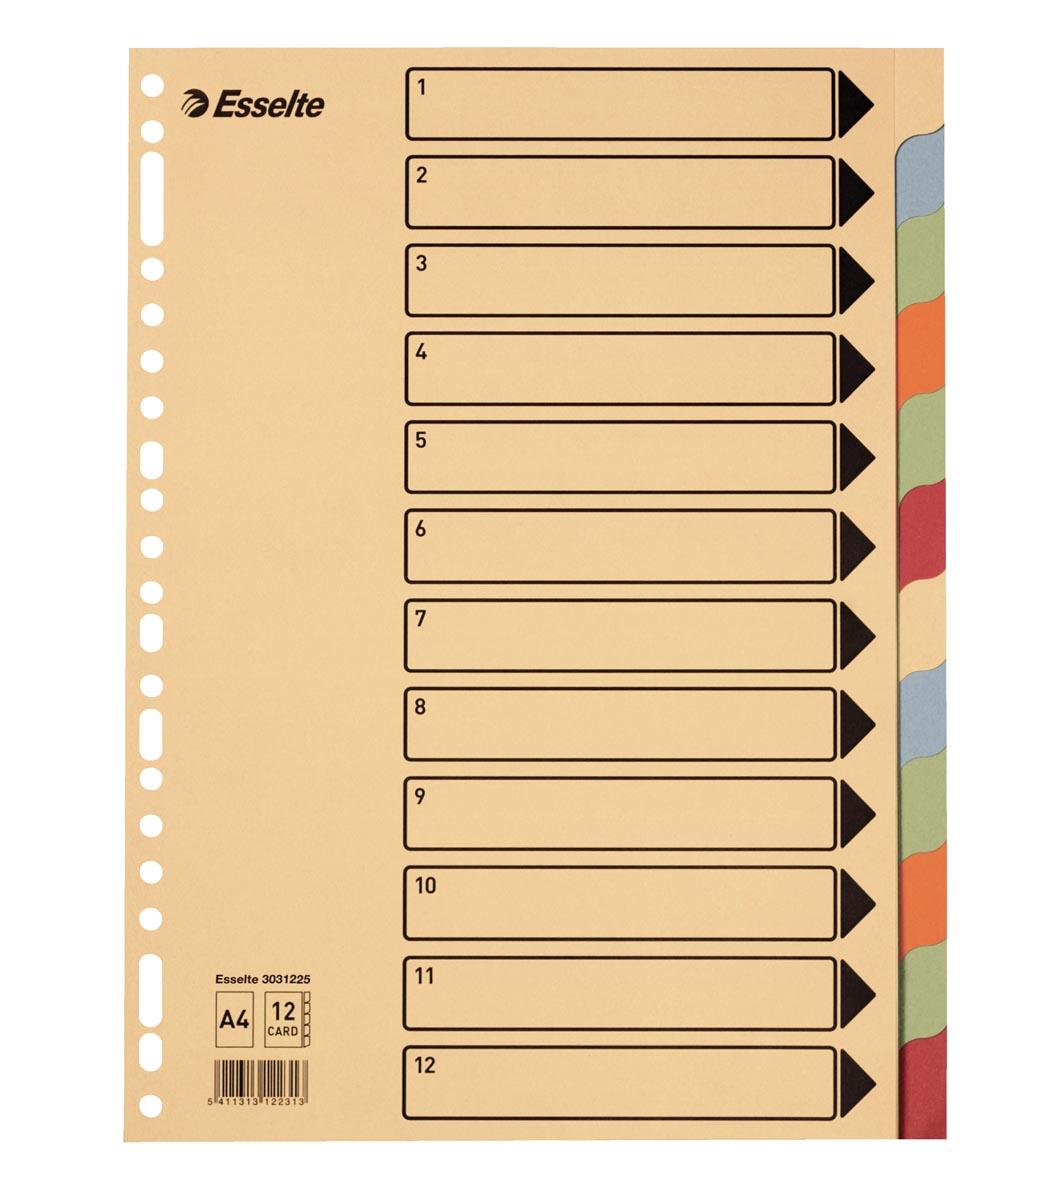 Esselte tabbladen 12 tabs, karton van 275 g/m²